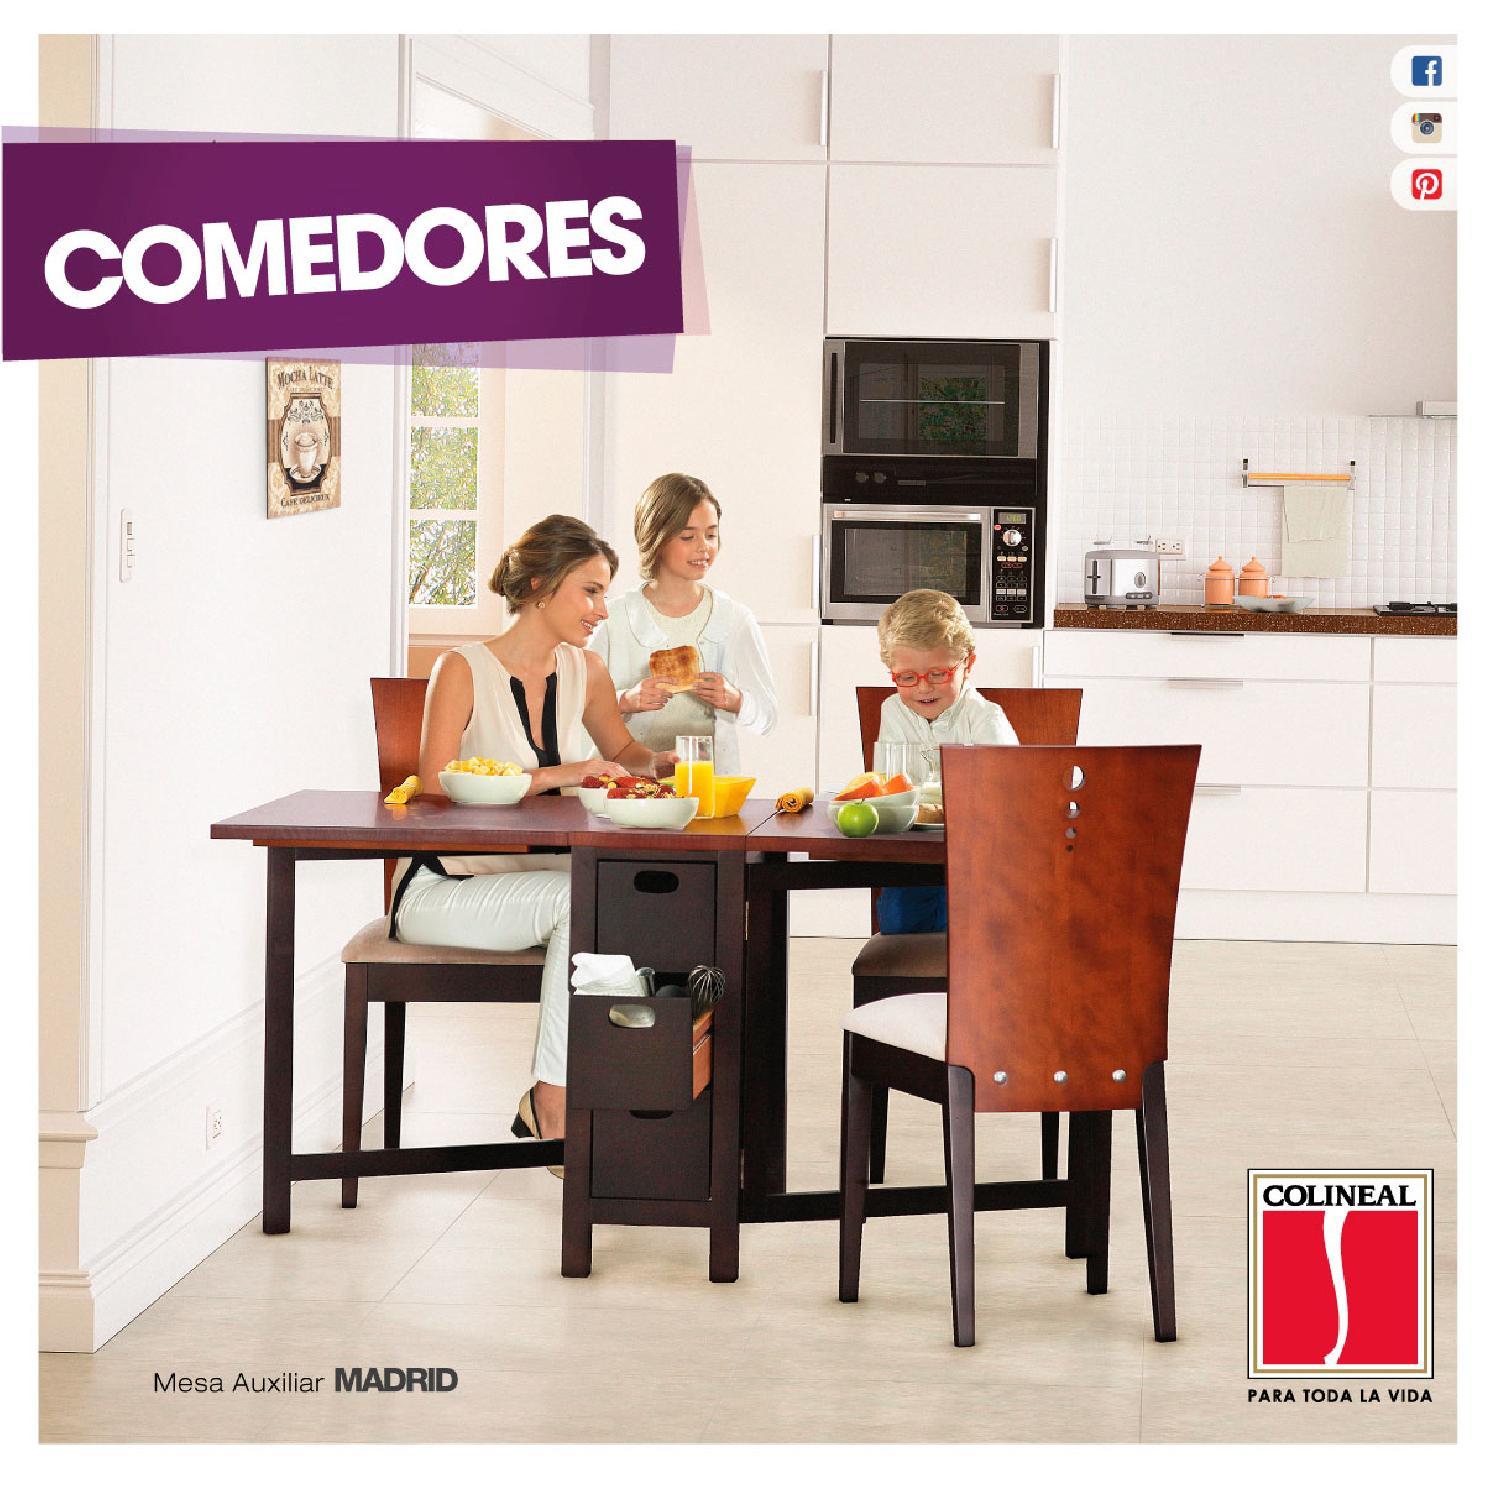 Catálogo de Comedores - Panamá by Colineal - issuu